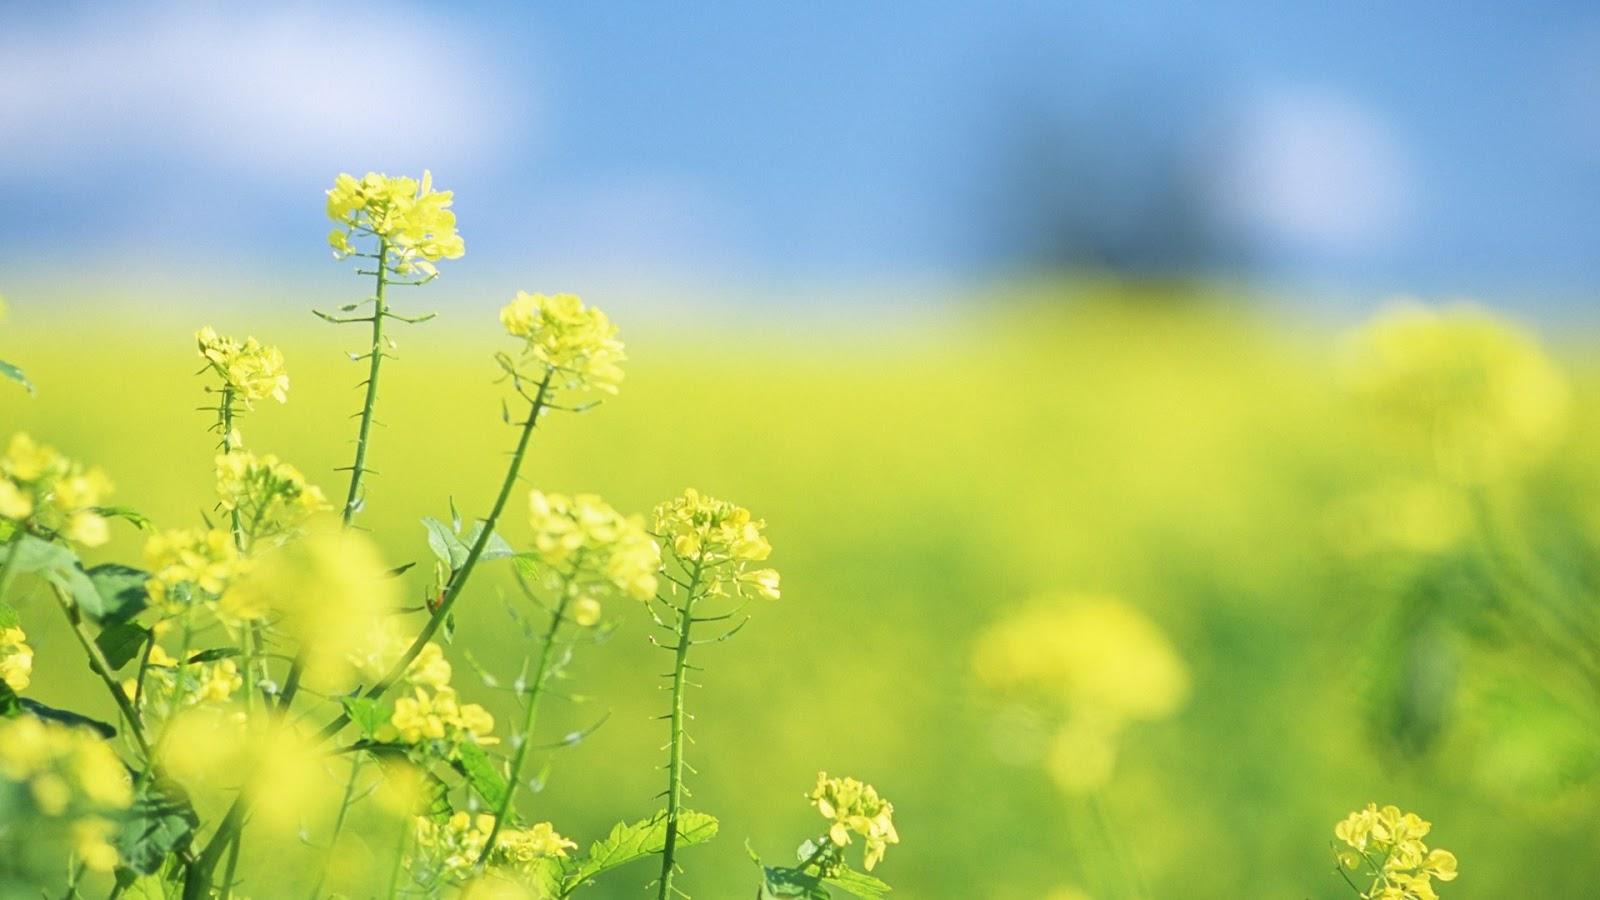 Hình ảnh hoa dại đẹp nhất, bông hoa dại tuyệt đẹp